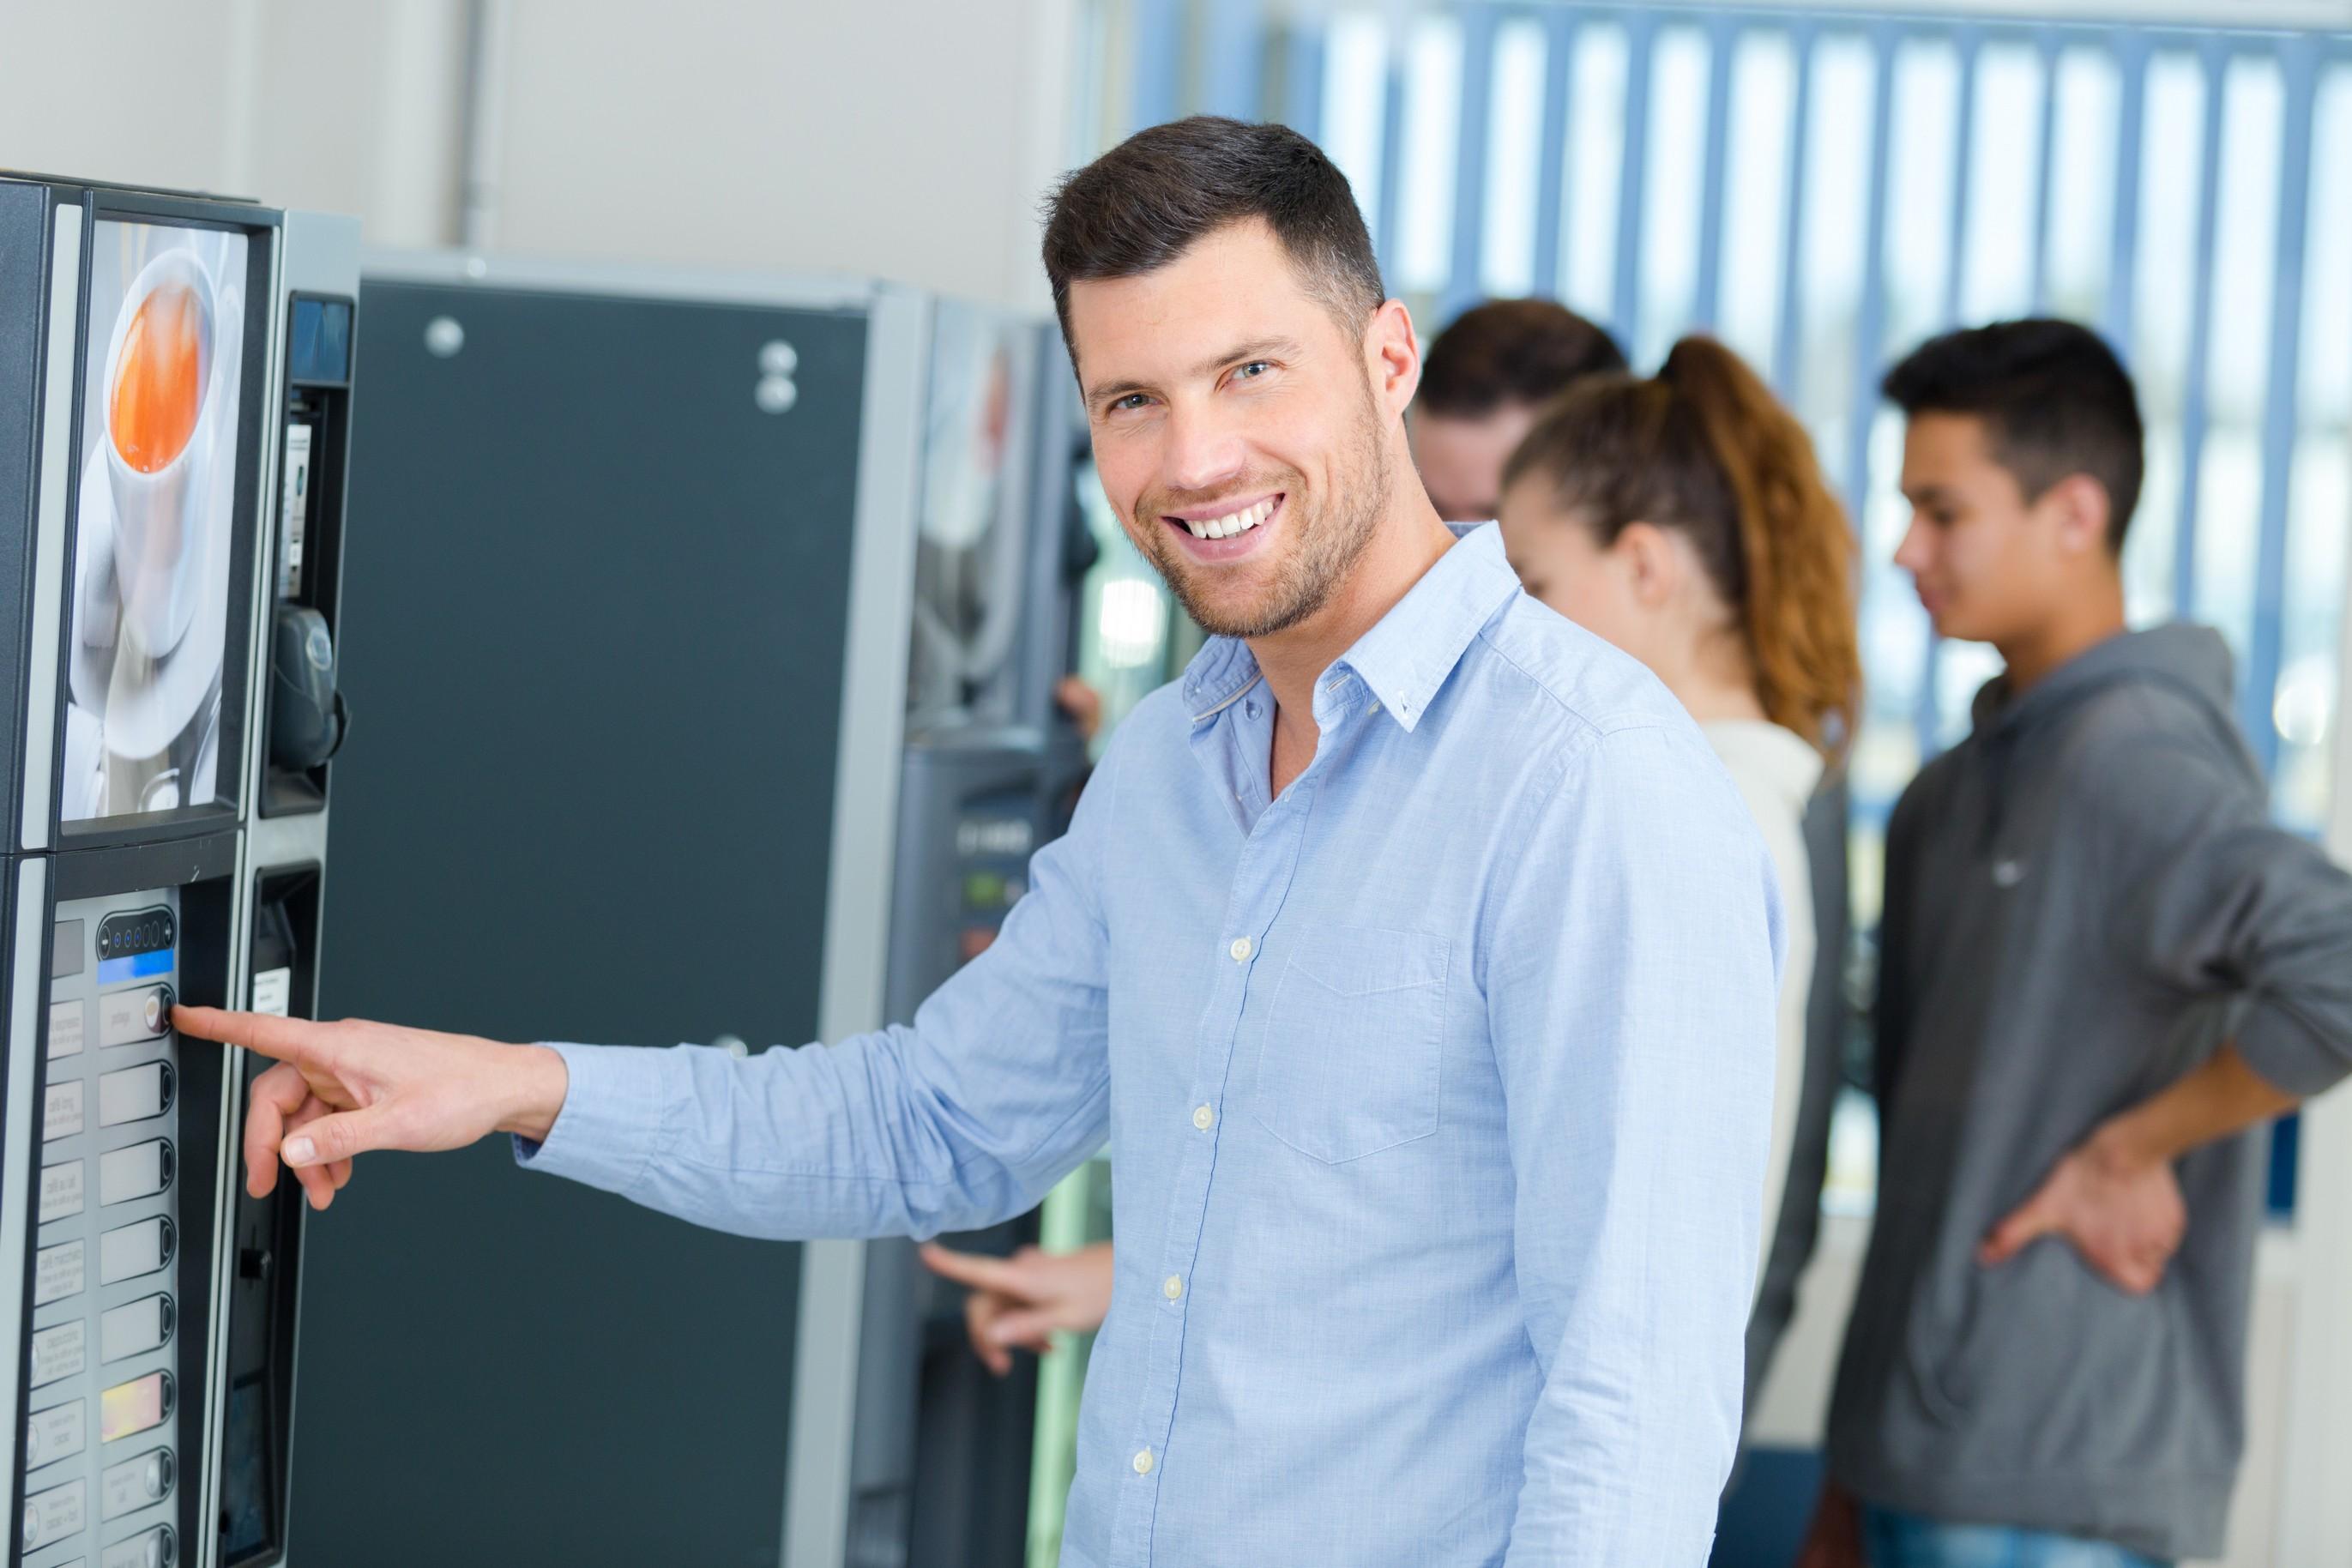 vending technology in seattle break rooms